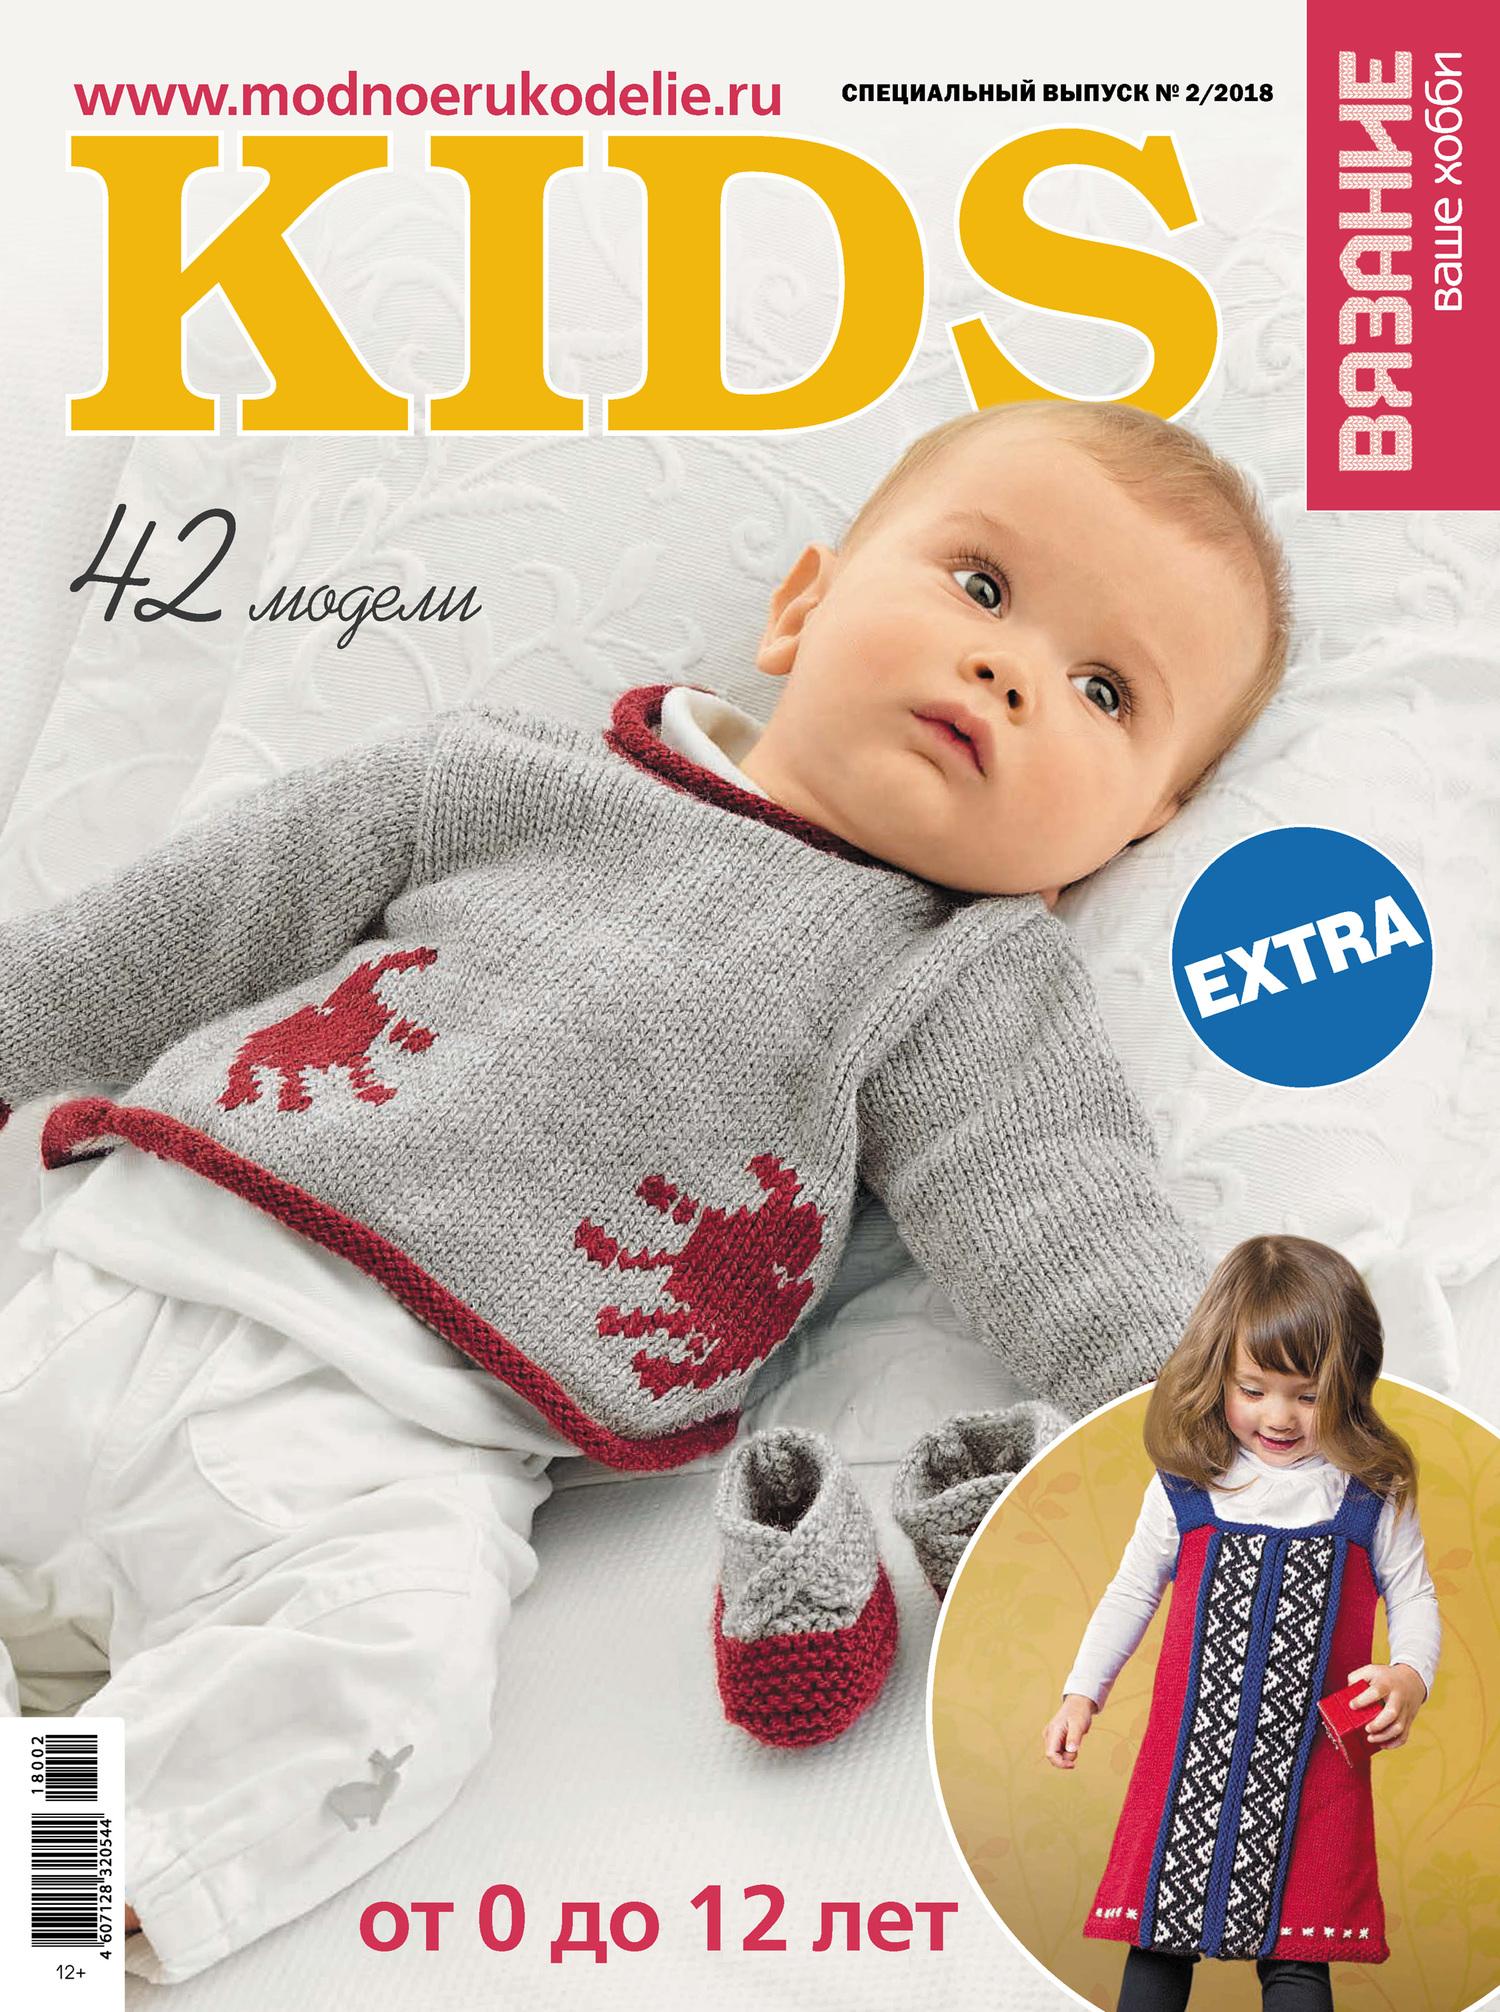 Отсутствует Вязание – ваше хобби. Спецвыпуск Extra №2/2018. KIDS журнал verena спецвыпуск модное вязание